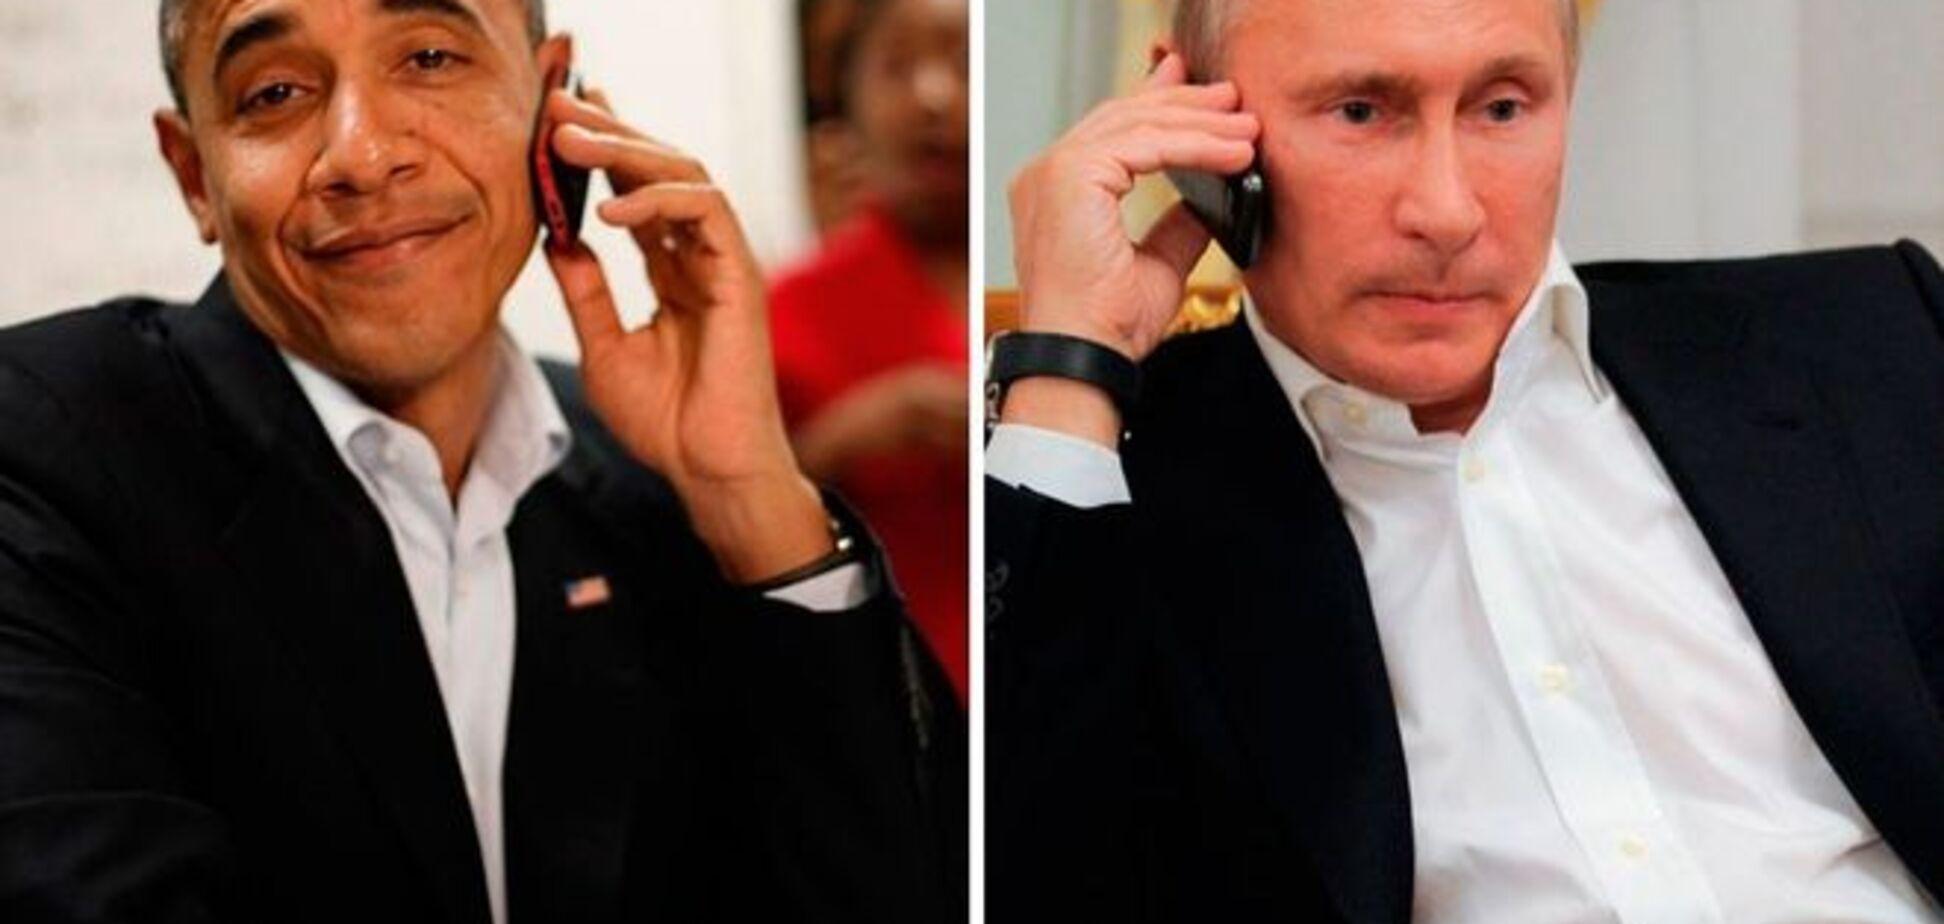 Вова, ты ошибся номером: соцсети отреагировали на разговор Обамы и Путина